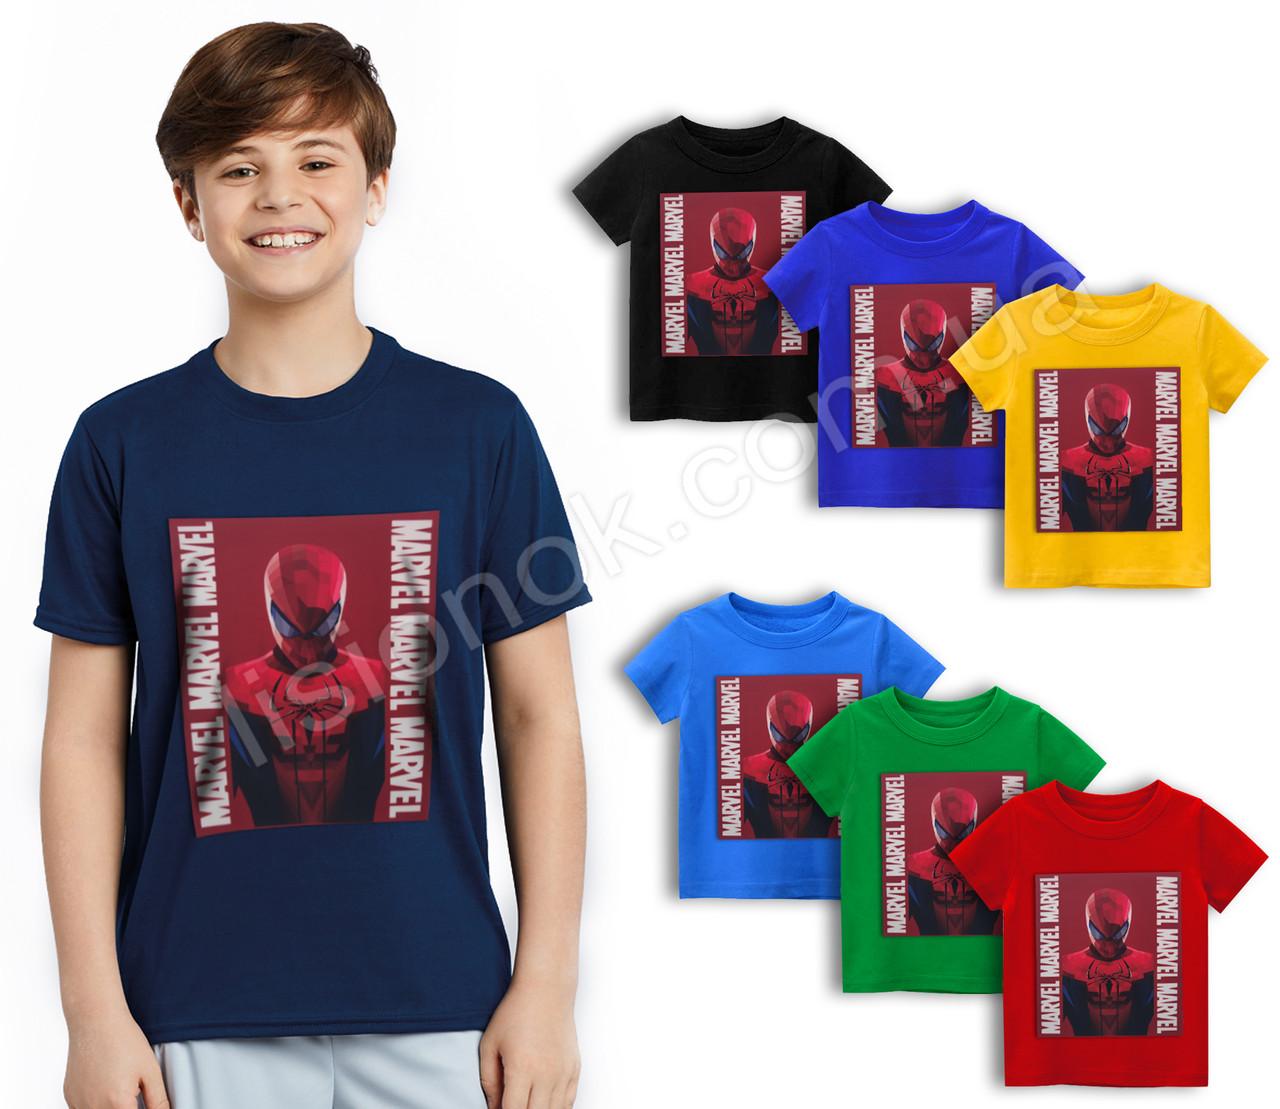 Футболка Людина павук на темно-червоному, Marvel 110-152см, для дітей та підлітків фанатів супер-героїв